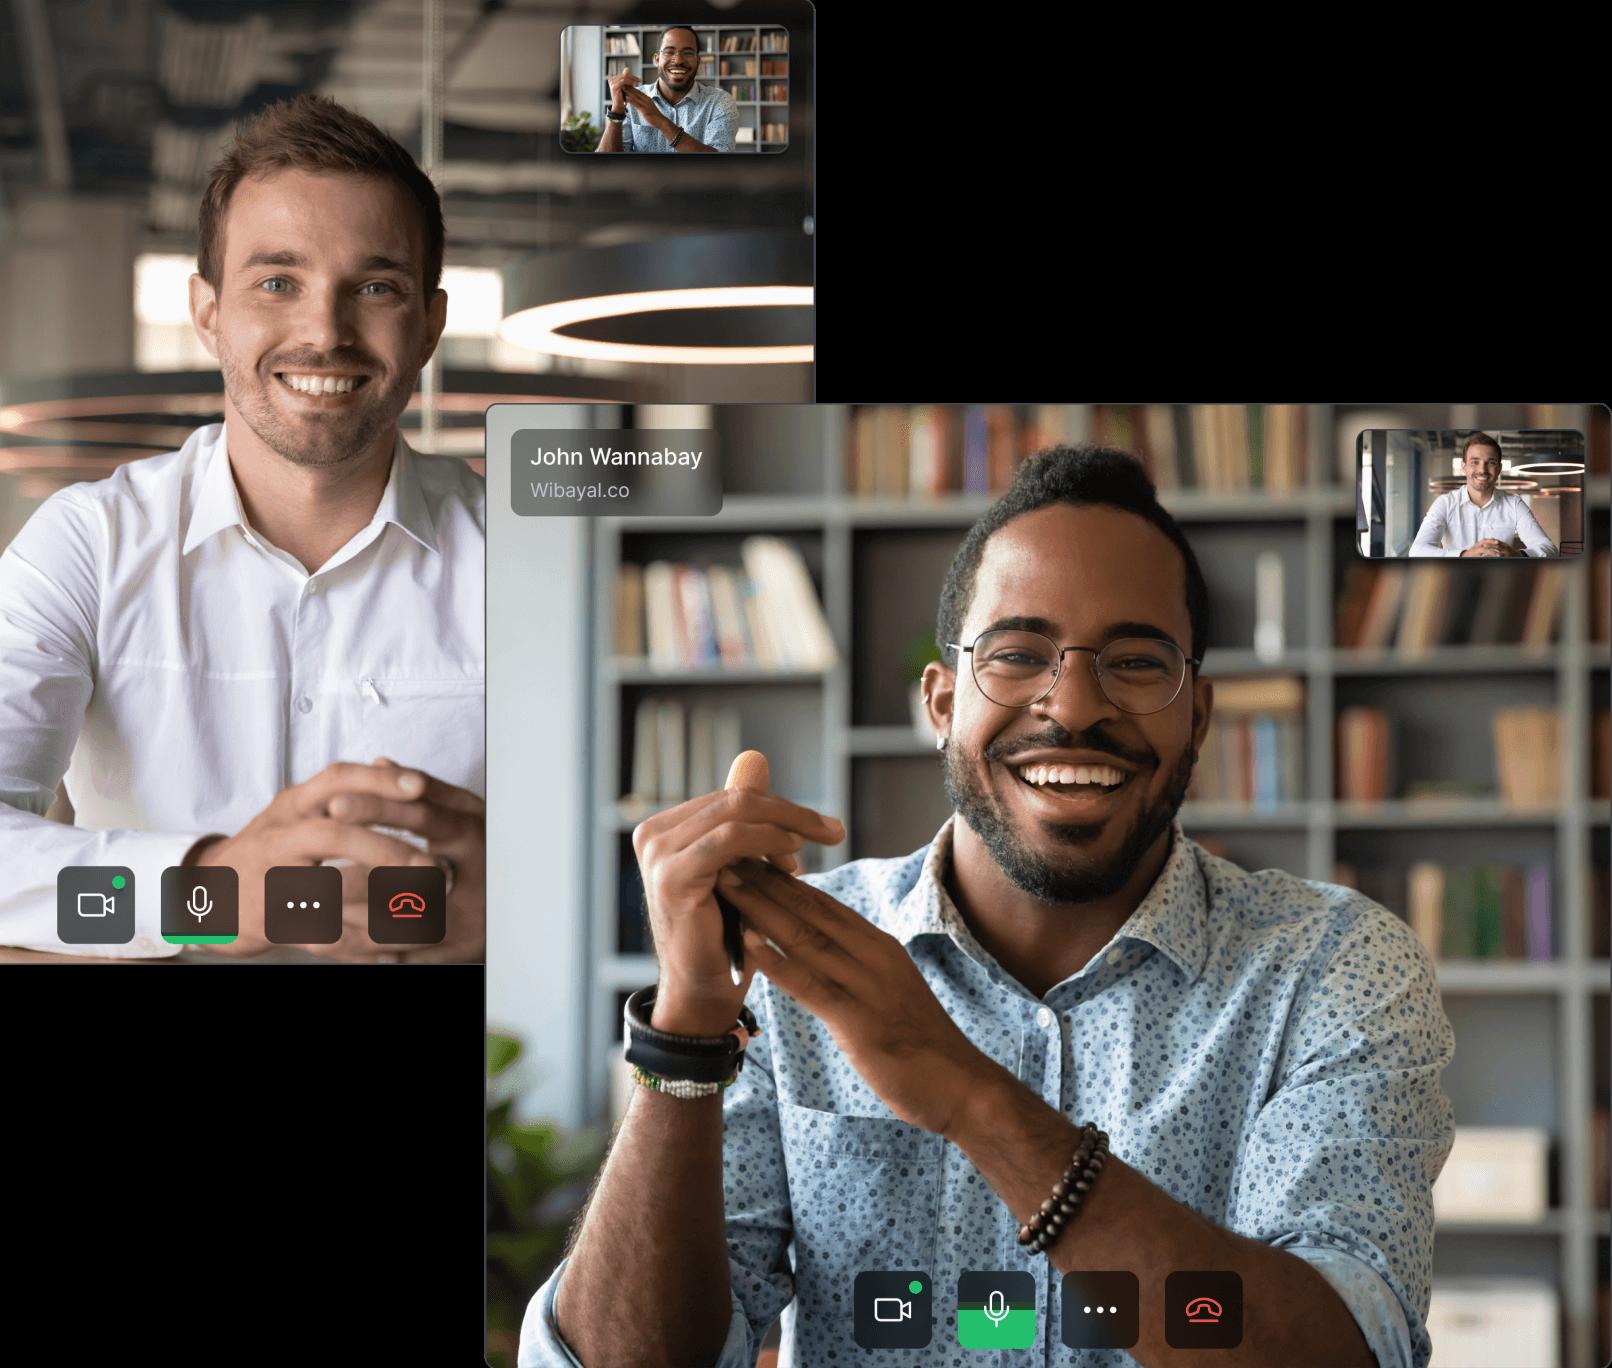 relation building app screen meetsales